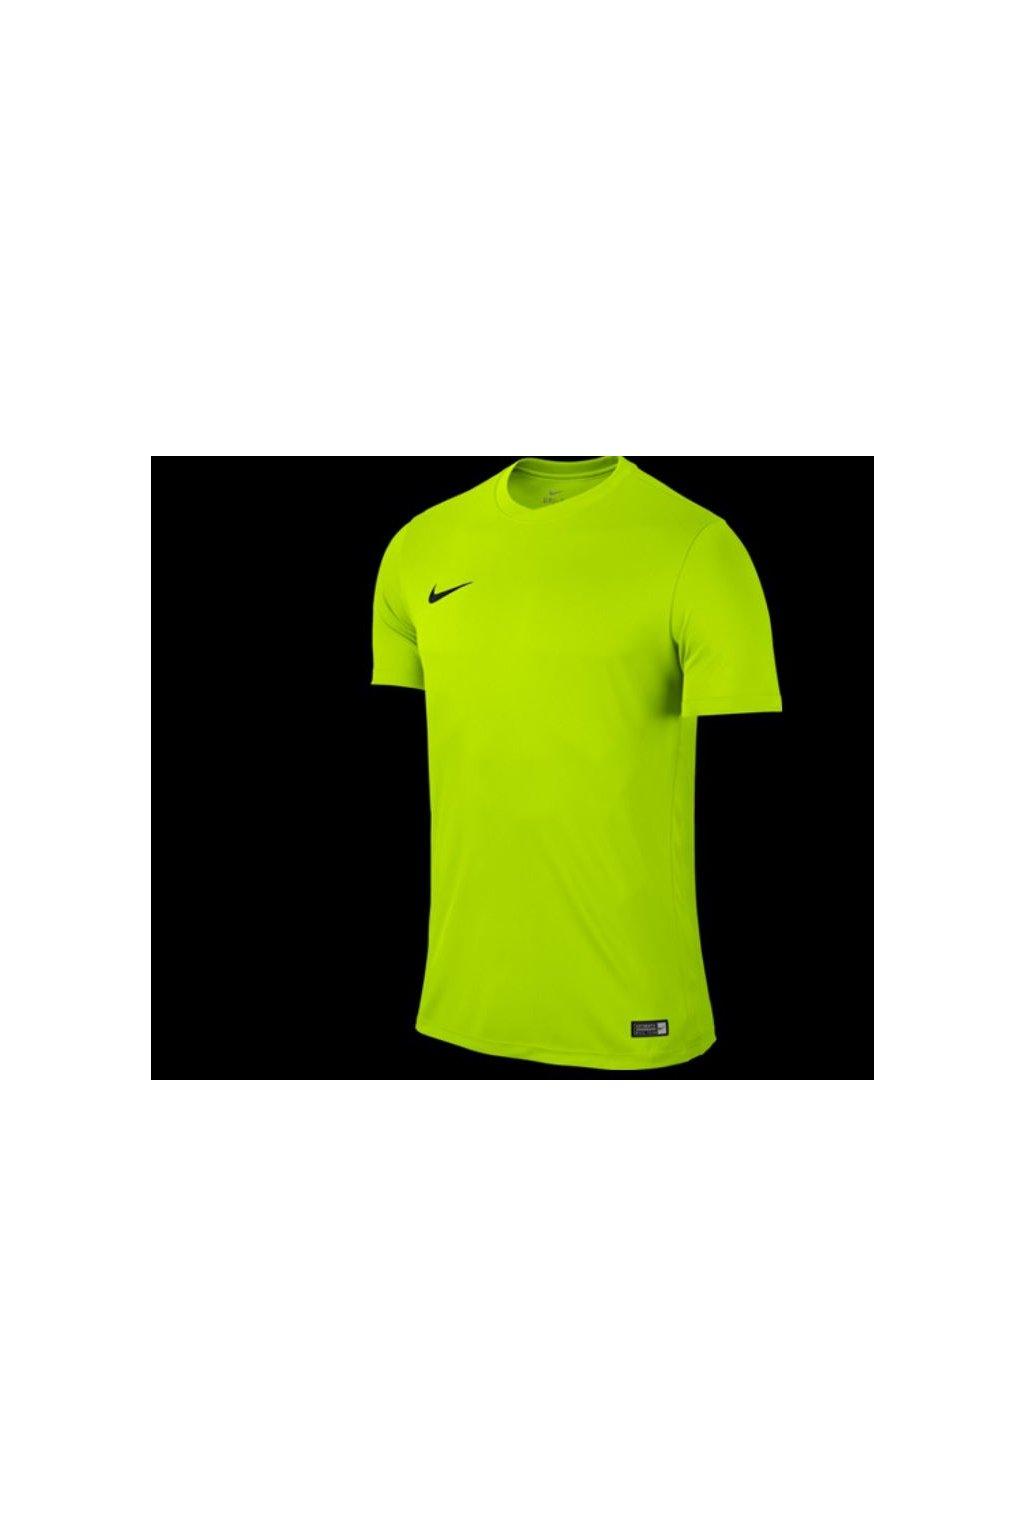 1d24a97fbe455 NIKE pánske športové tričko, 725891-702 - Fresh sport